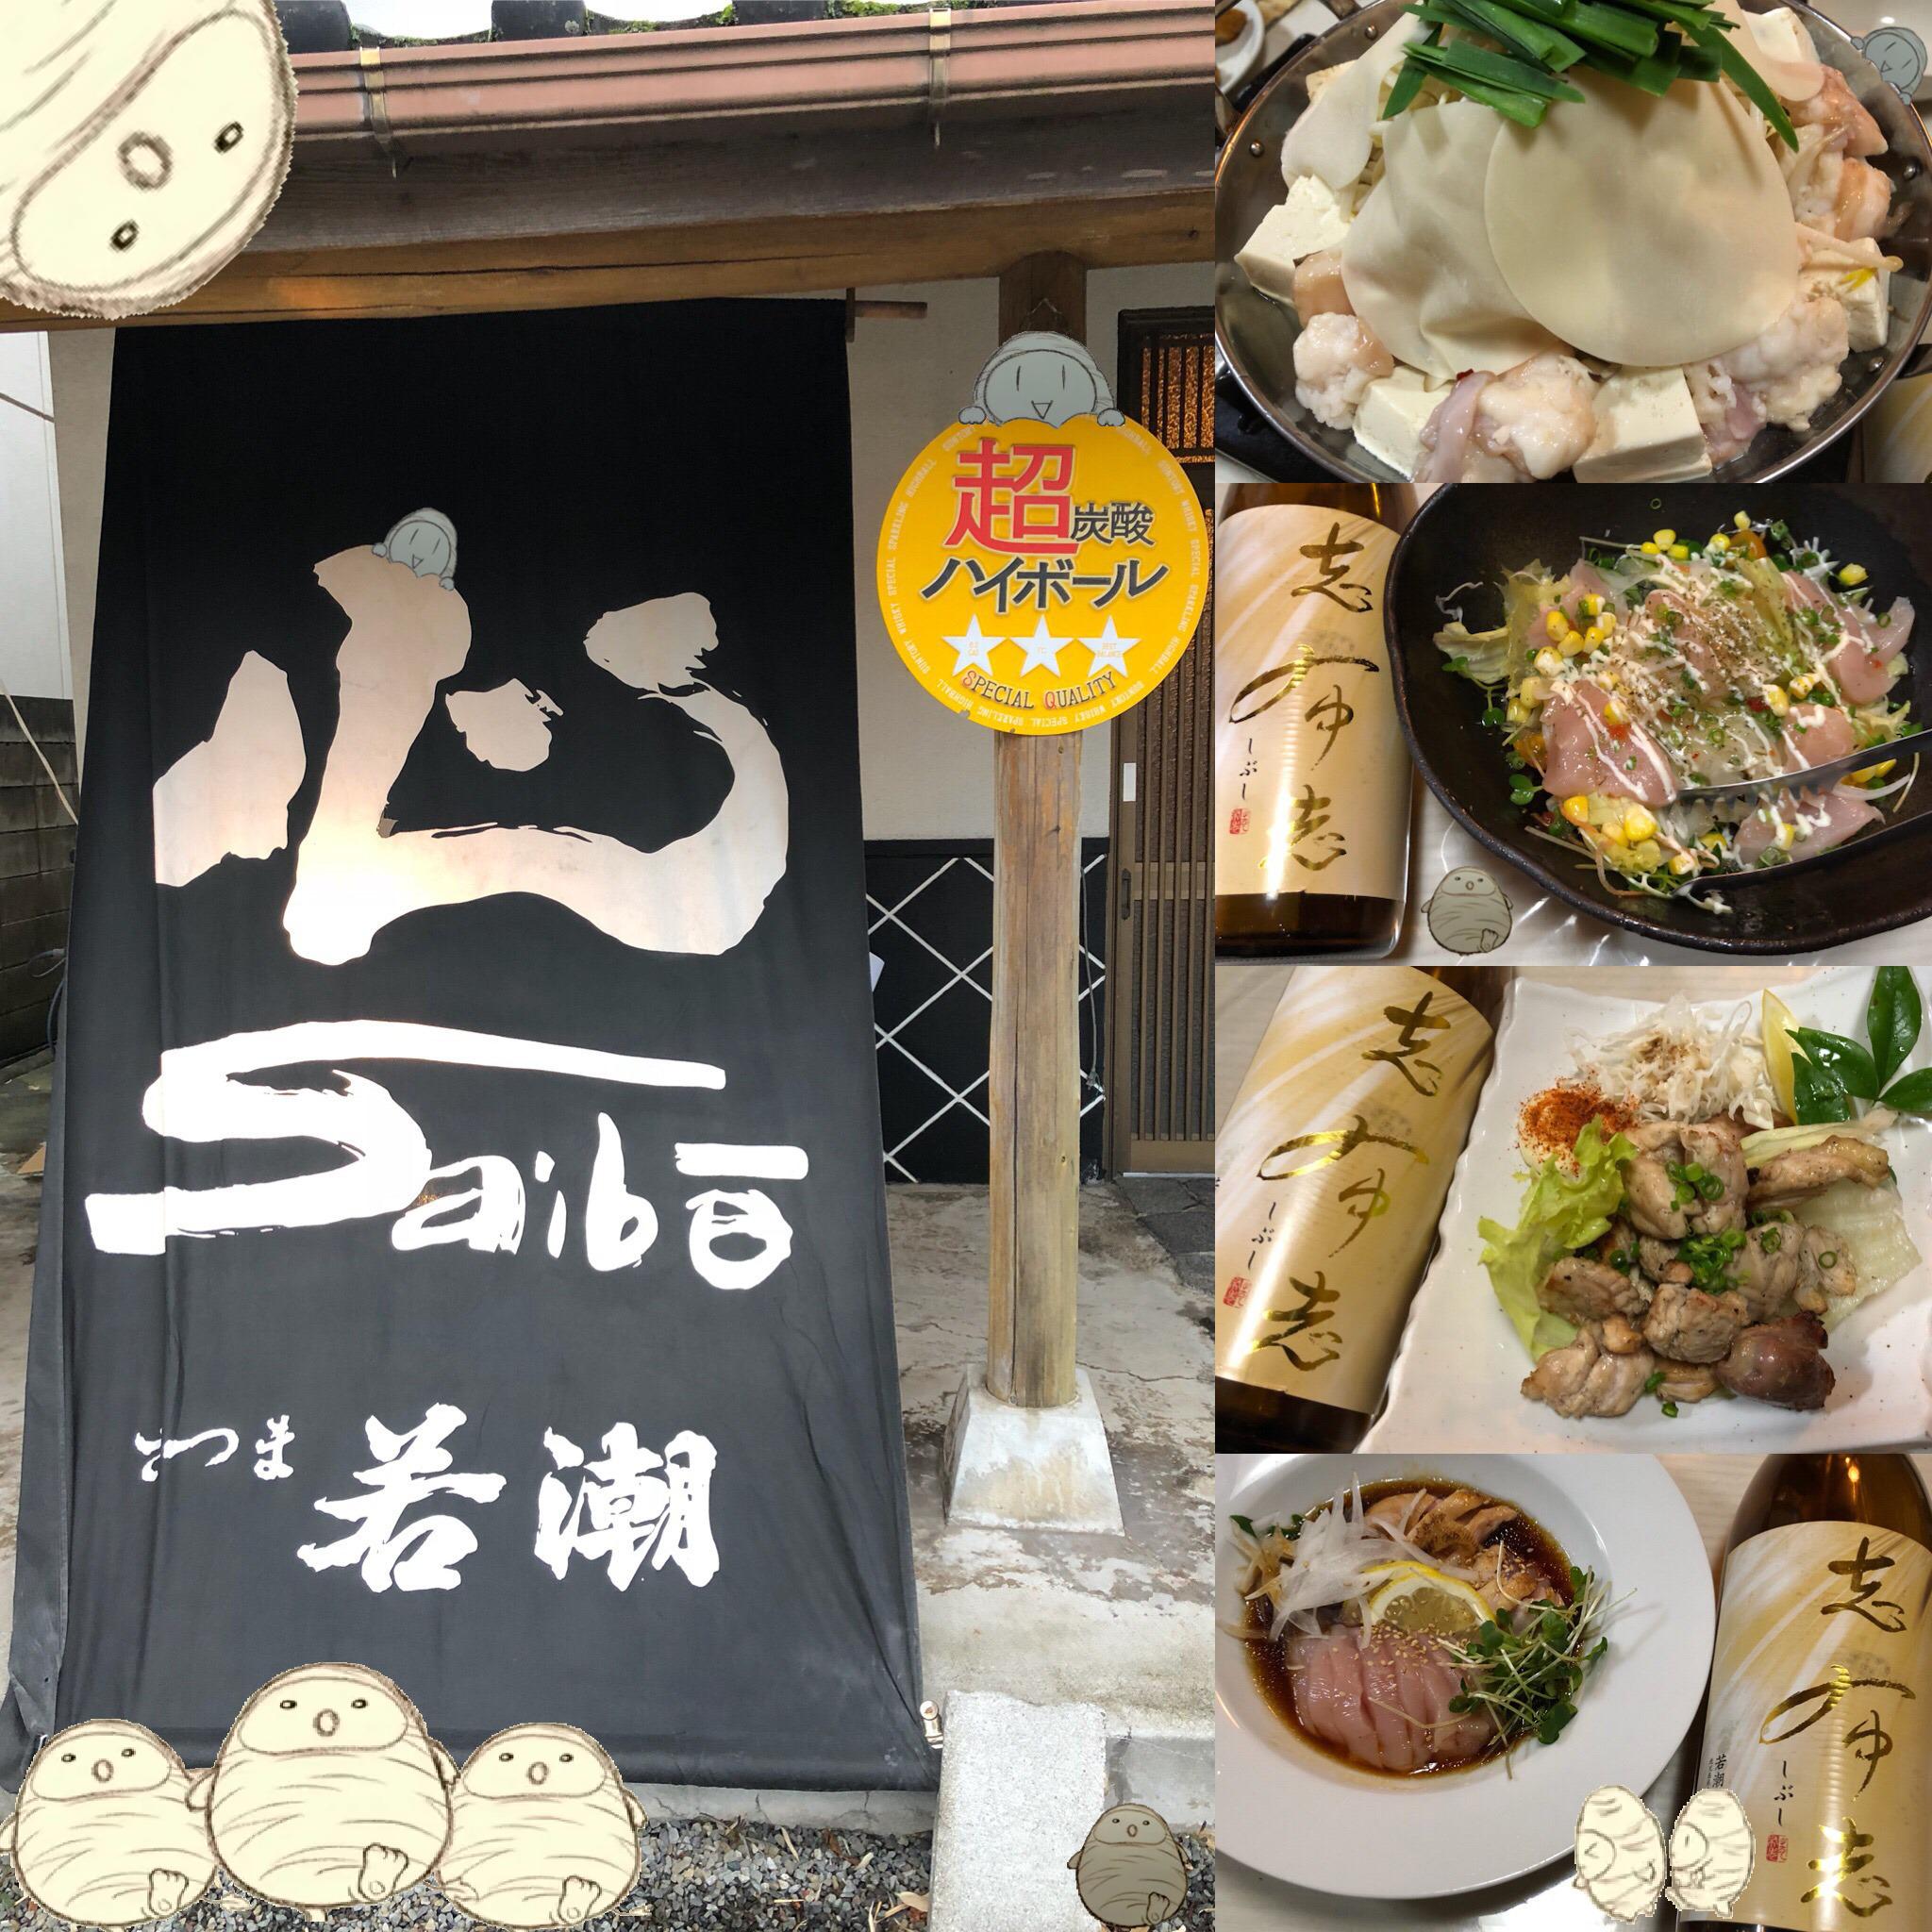 心菜坊 志布志 - ほんわかくん20180705_R